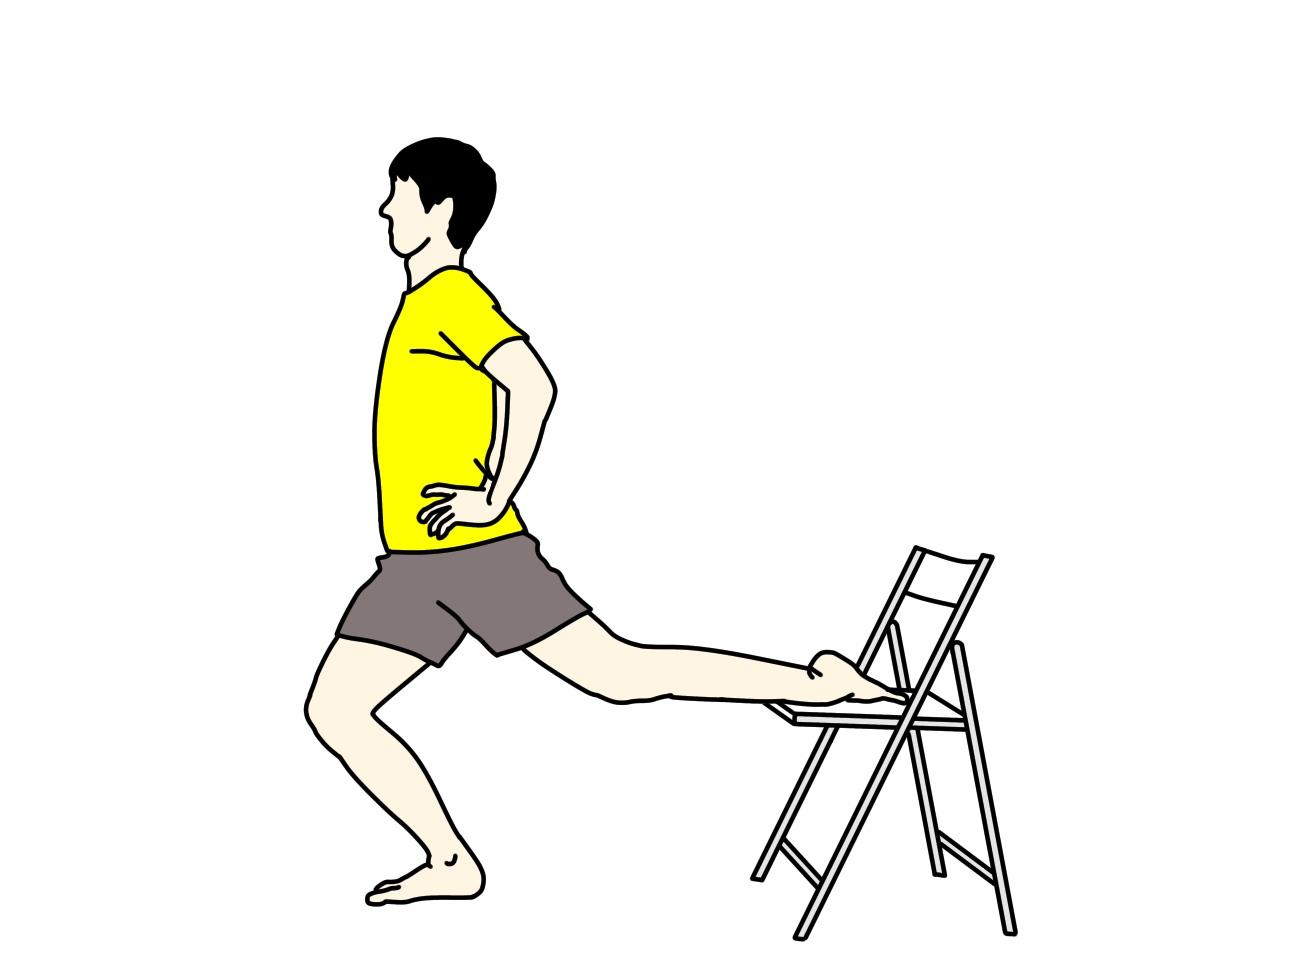 椅子を使って行う腸腰筋・大腿直筋のストレッチ